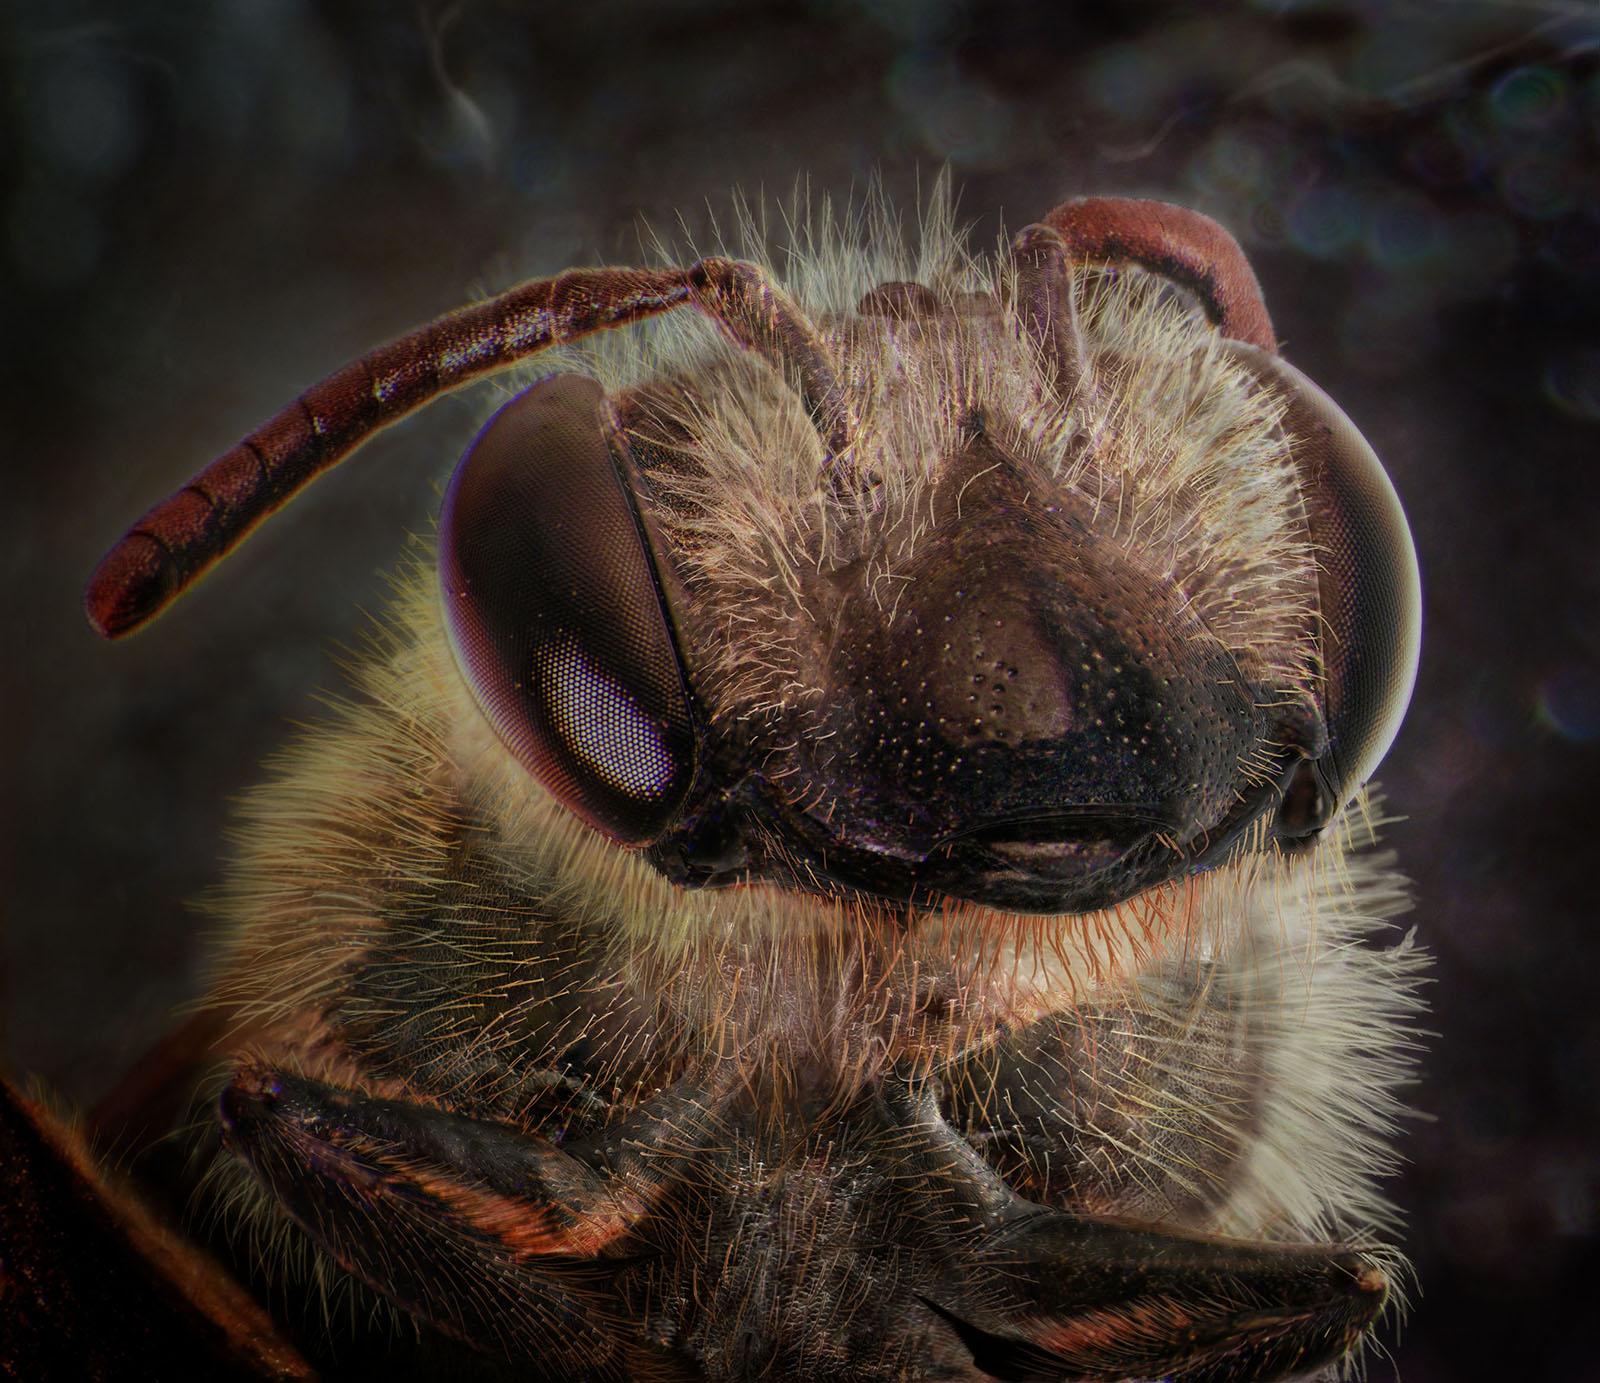 Sidewalk Crack, September 24th [Honey Bee],2015 © Daniel Kariko